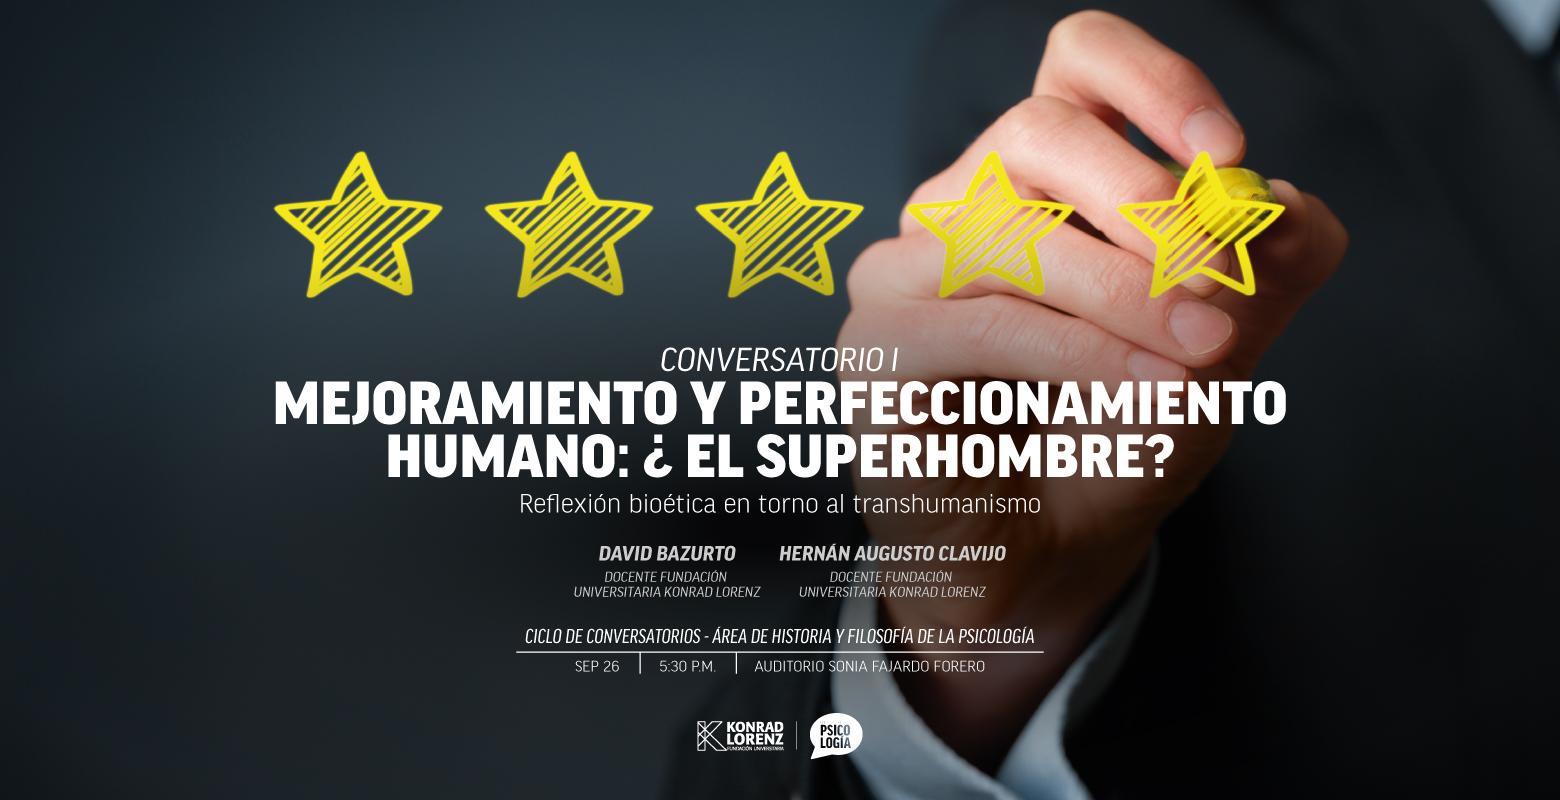 Ciclo de conversatorios | Primer Conversatorio | Mejoramiento y perfeccionamiento humano: ¿el superhombre?